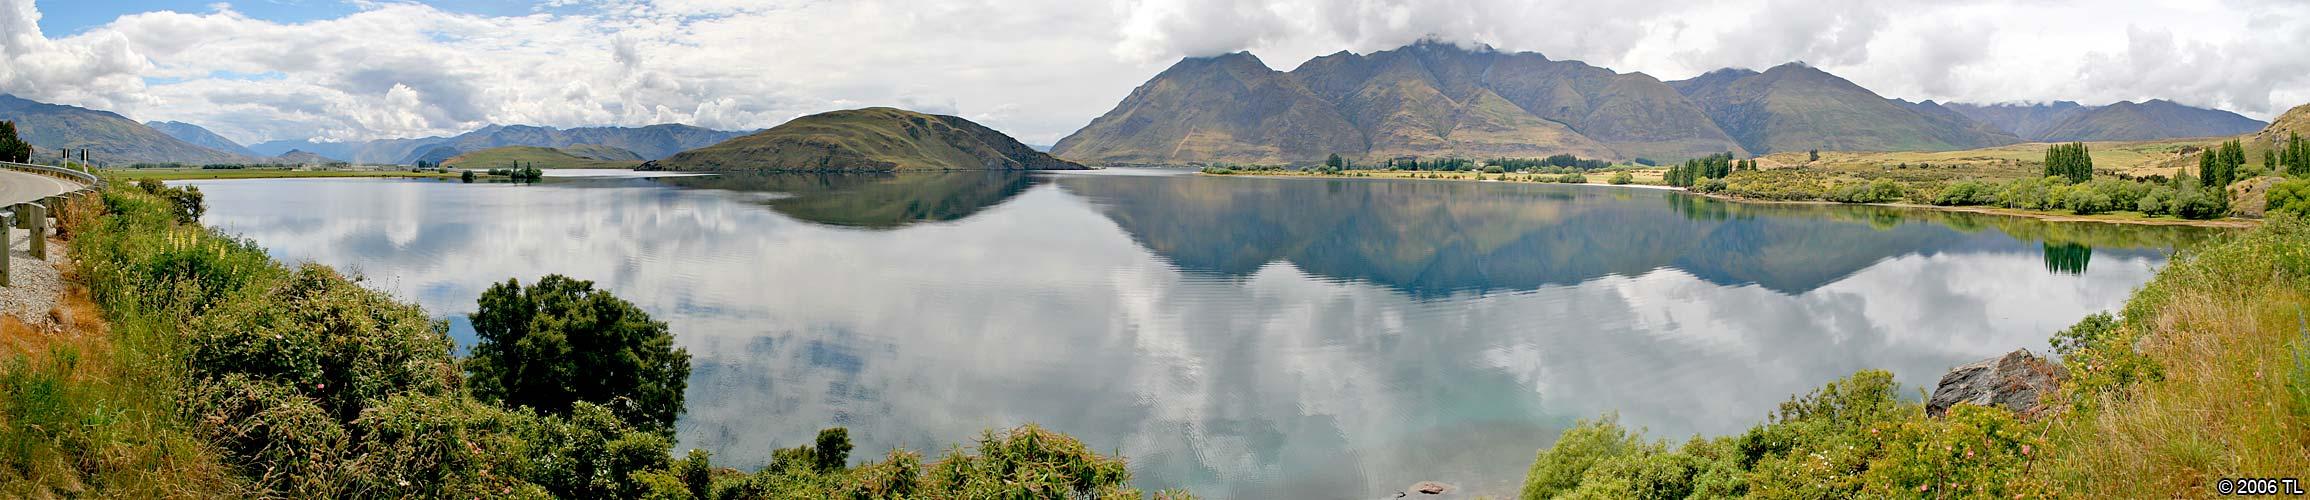 Région de Wanaka